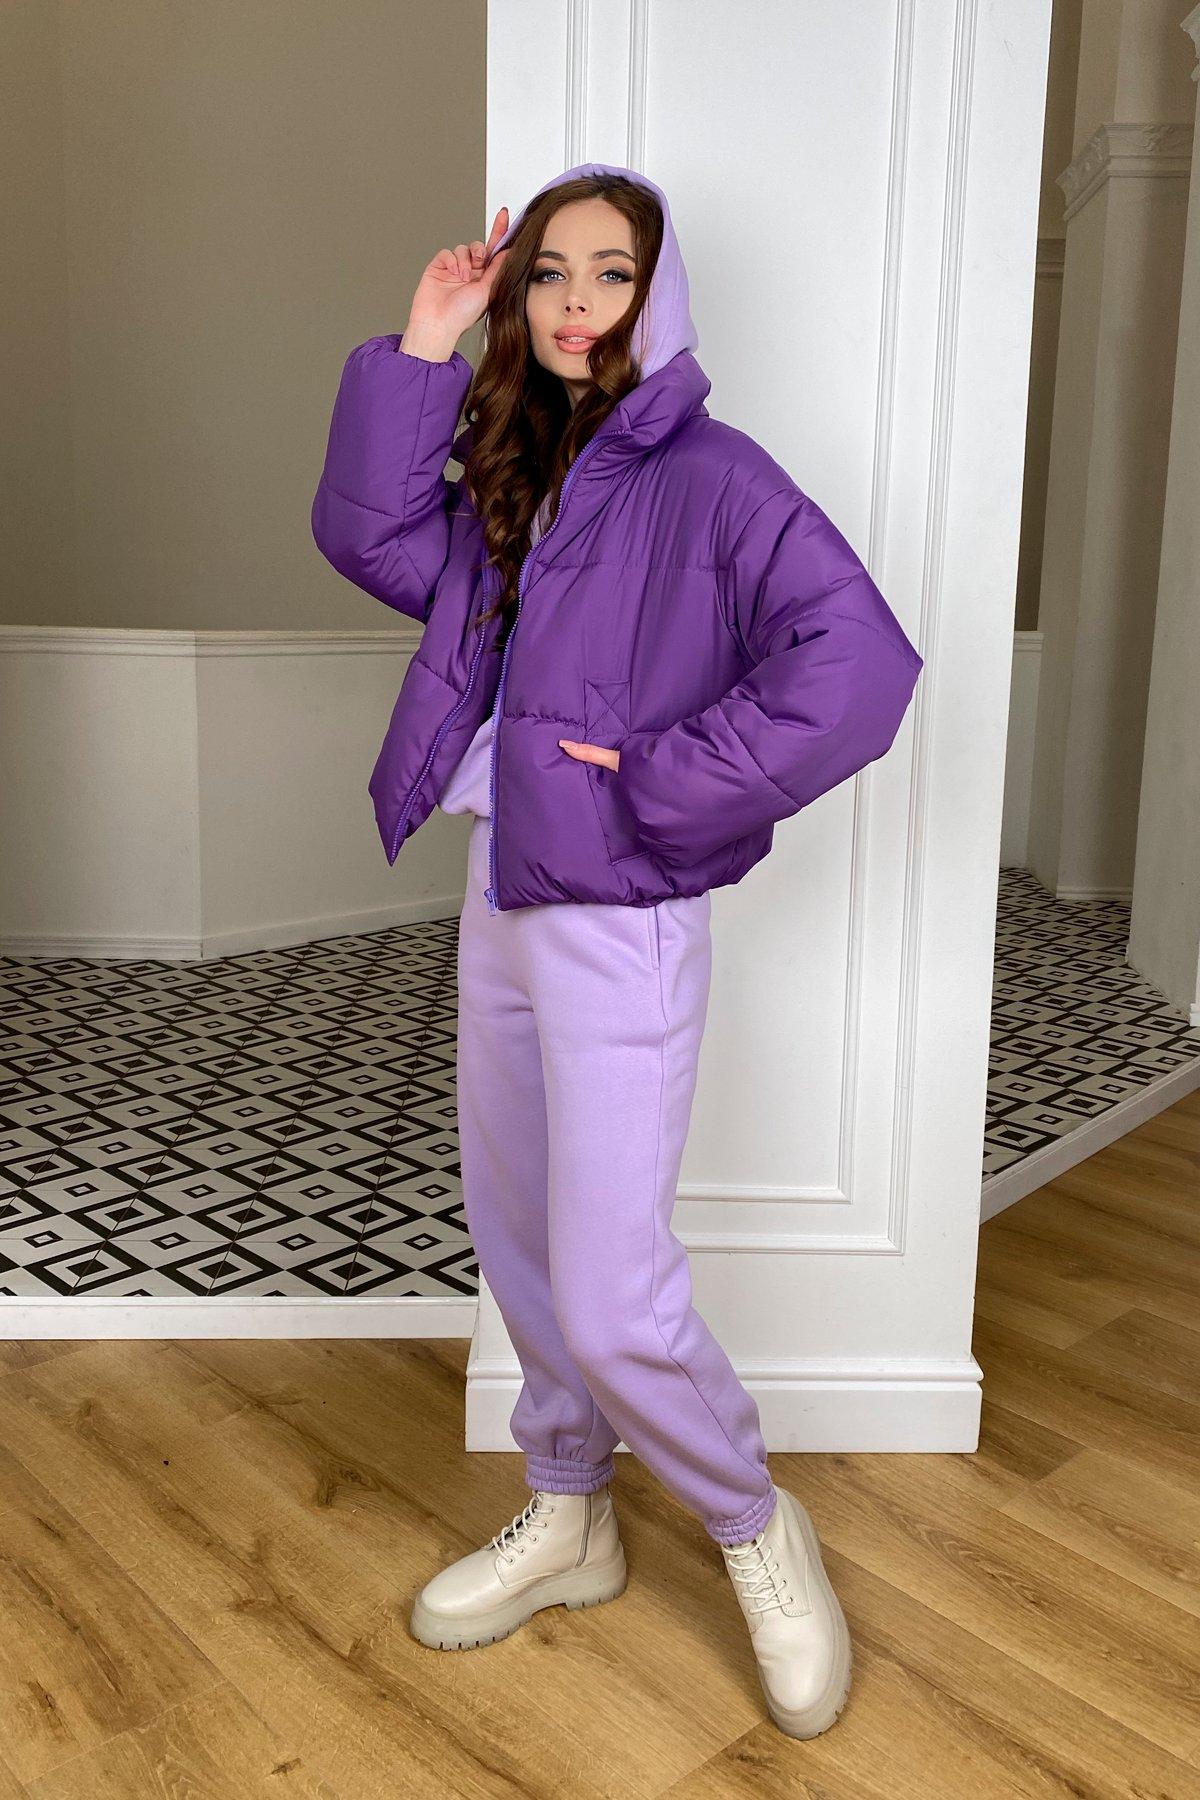 Драйв куртка из плащевой ткани 10448 АРТ. 46767 Цвет: Сиреневый 861 - фото 2, интернет магазин tm-modus.ru